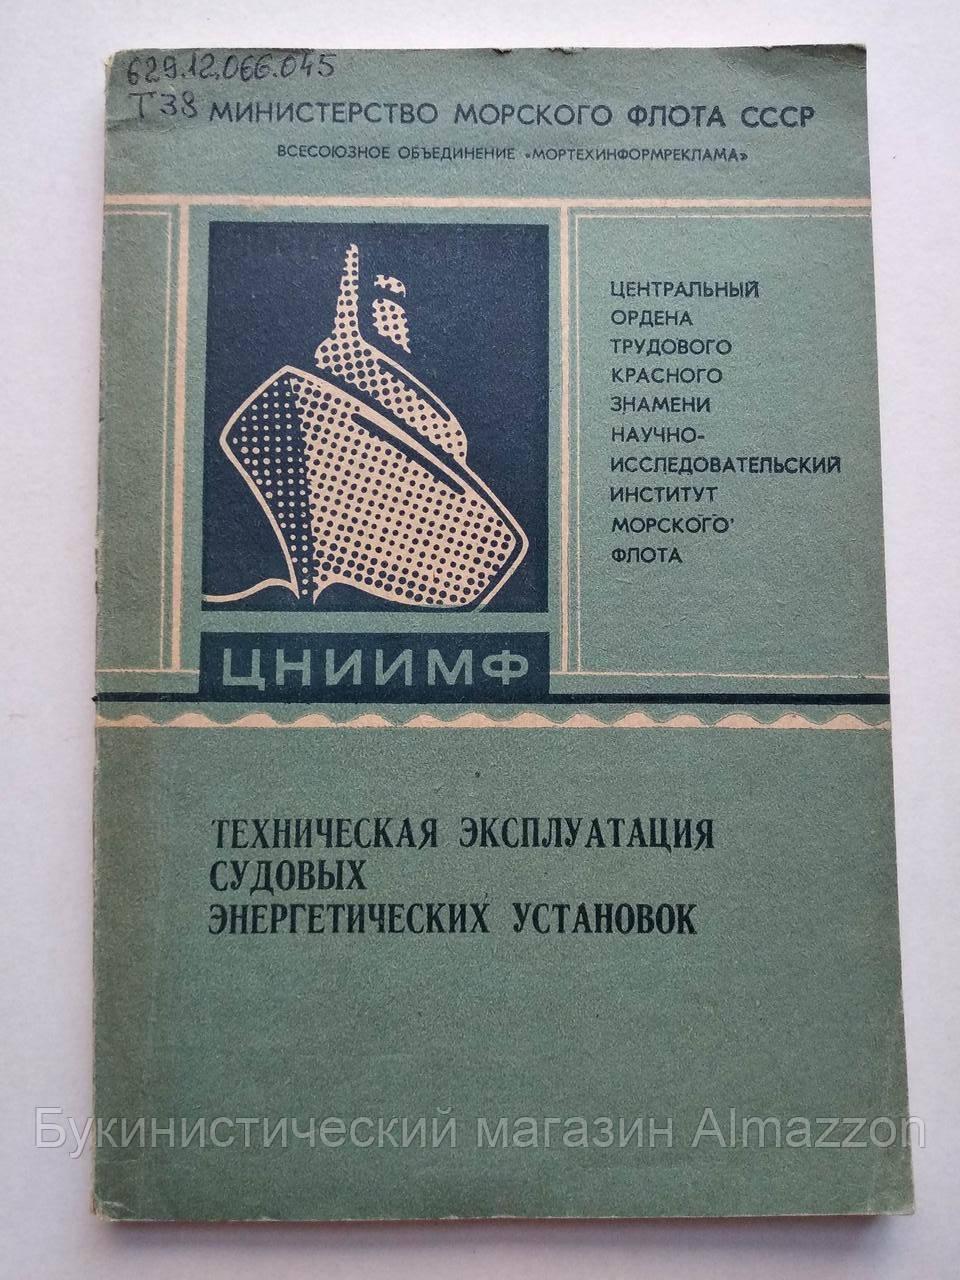 Техническая эксплуатация судовых энергетических установок Министерство Морского Флота СССР, фото 1